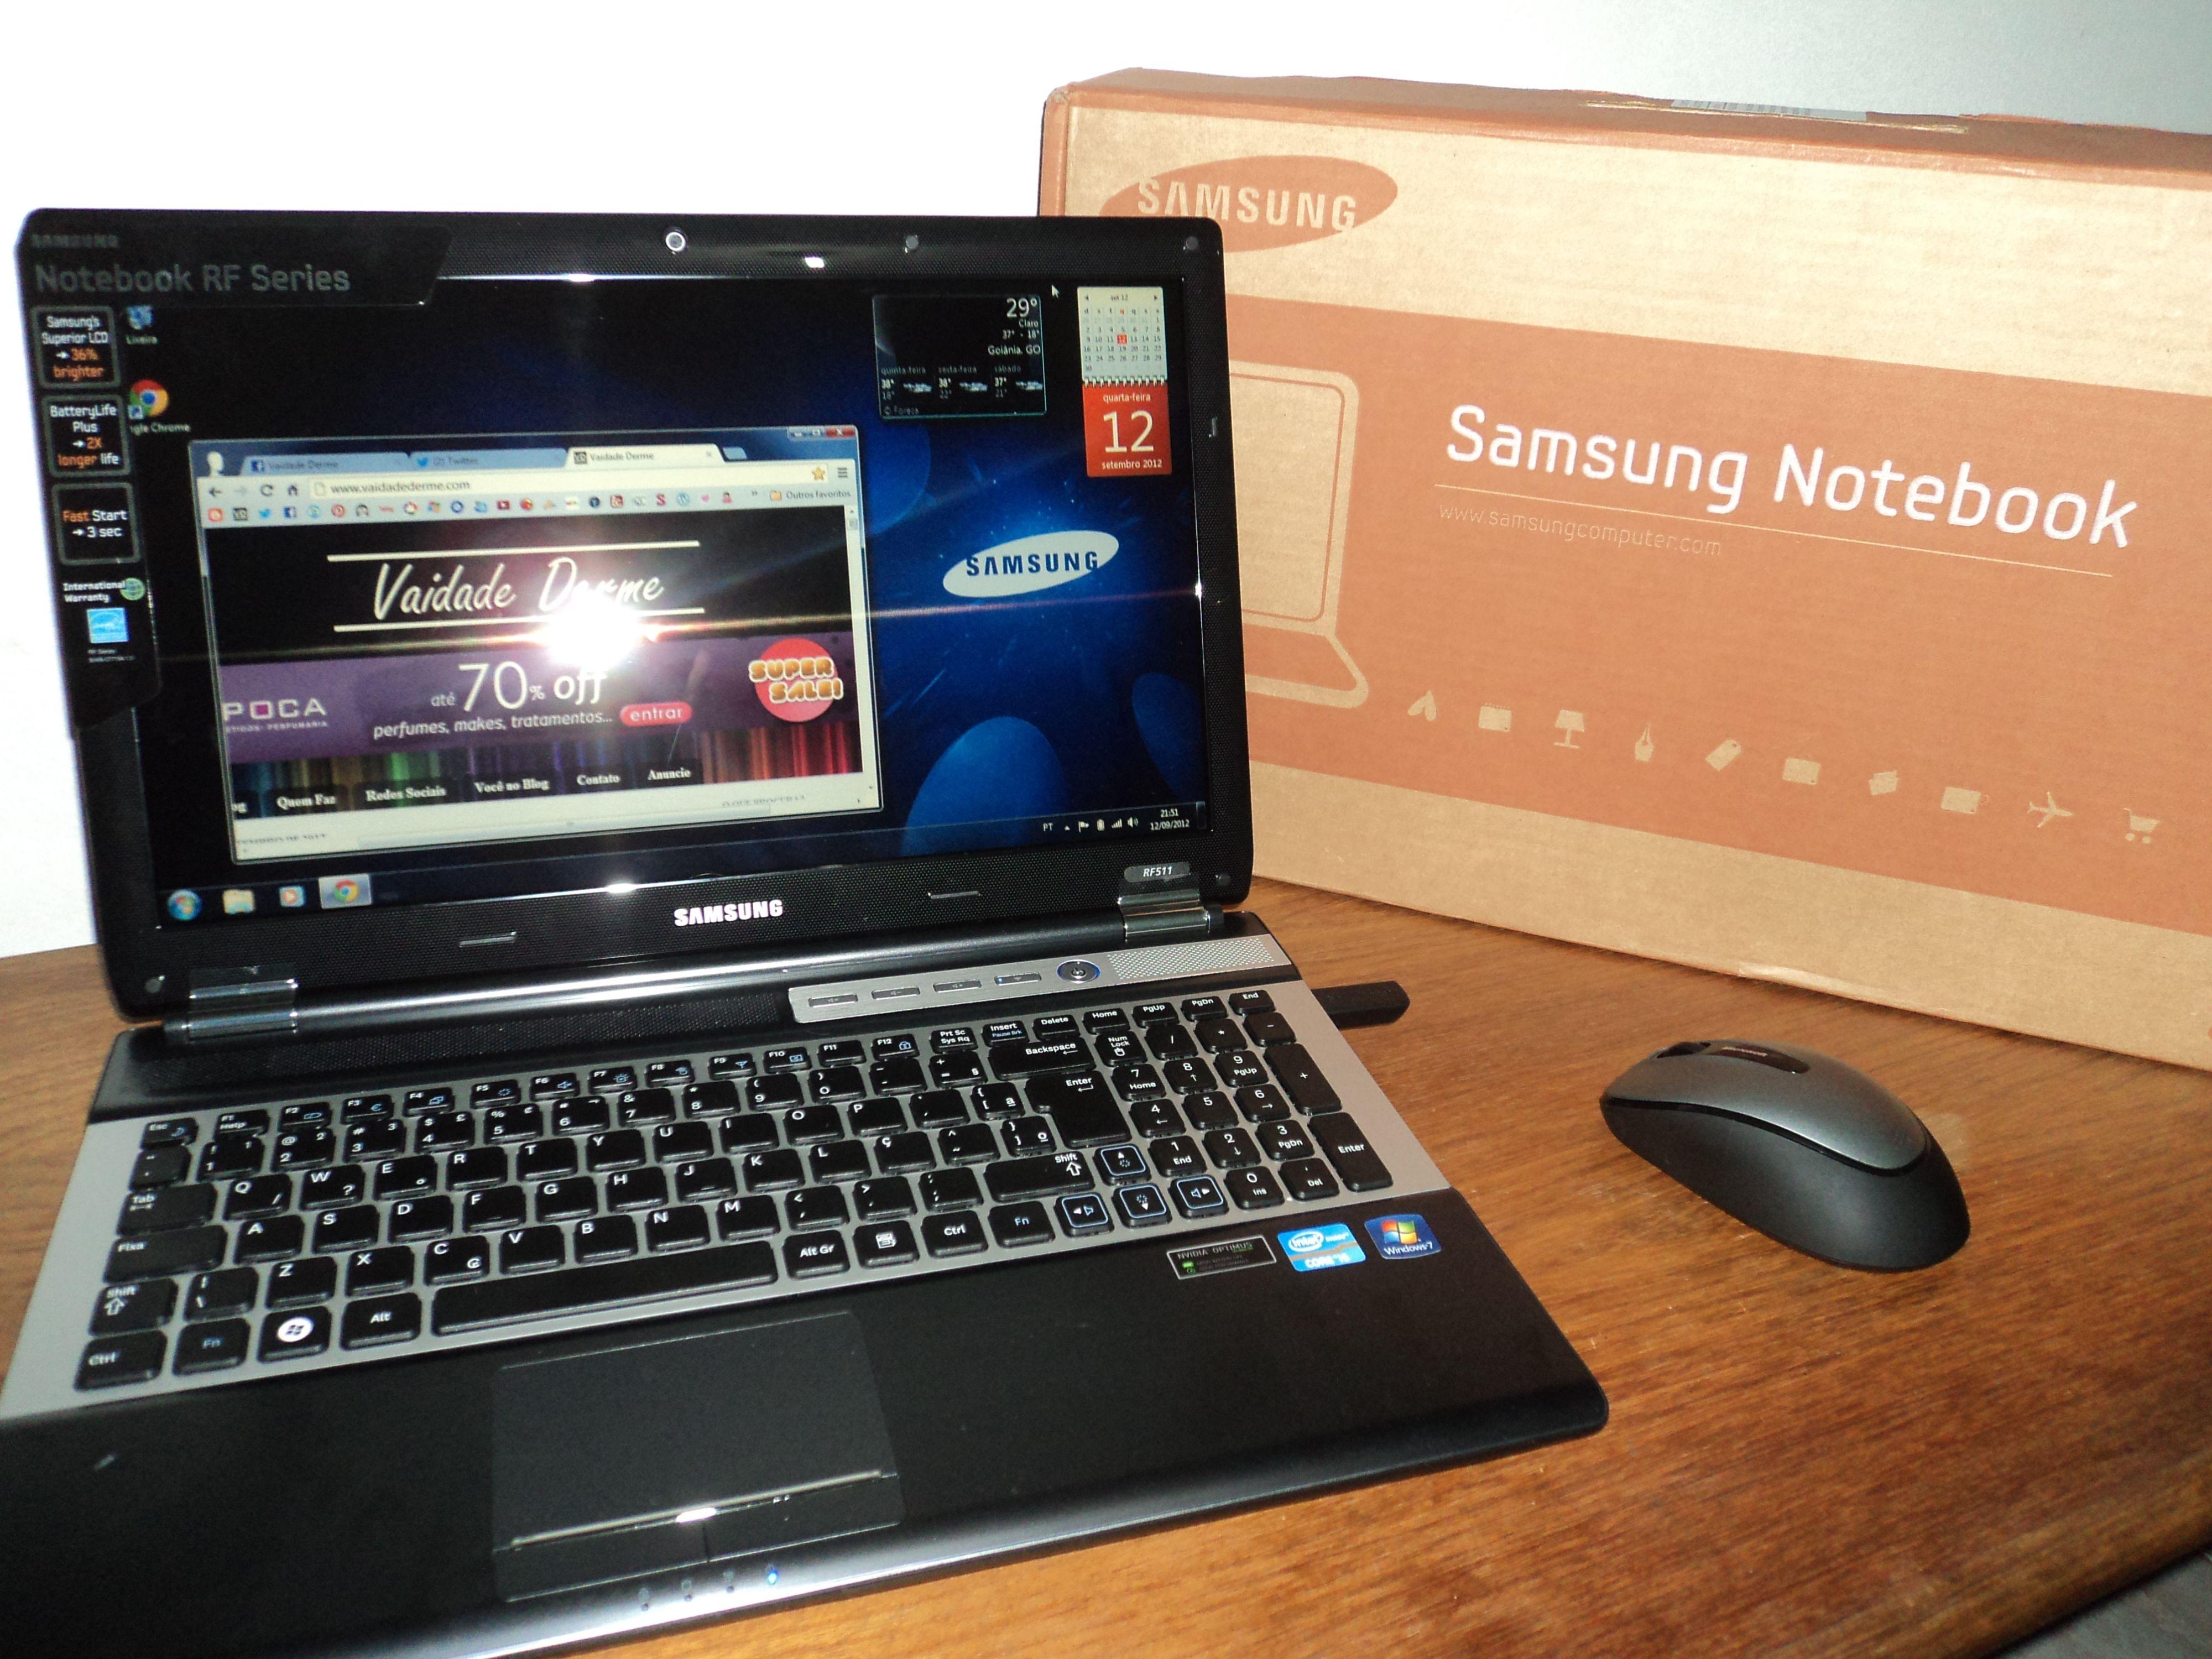 Notebook samsung i5 - Chegou Meu Notebook Samsung Rf511 Sd6 Com Intel Core I5 6gb 1tb Led 15